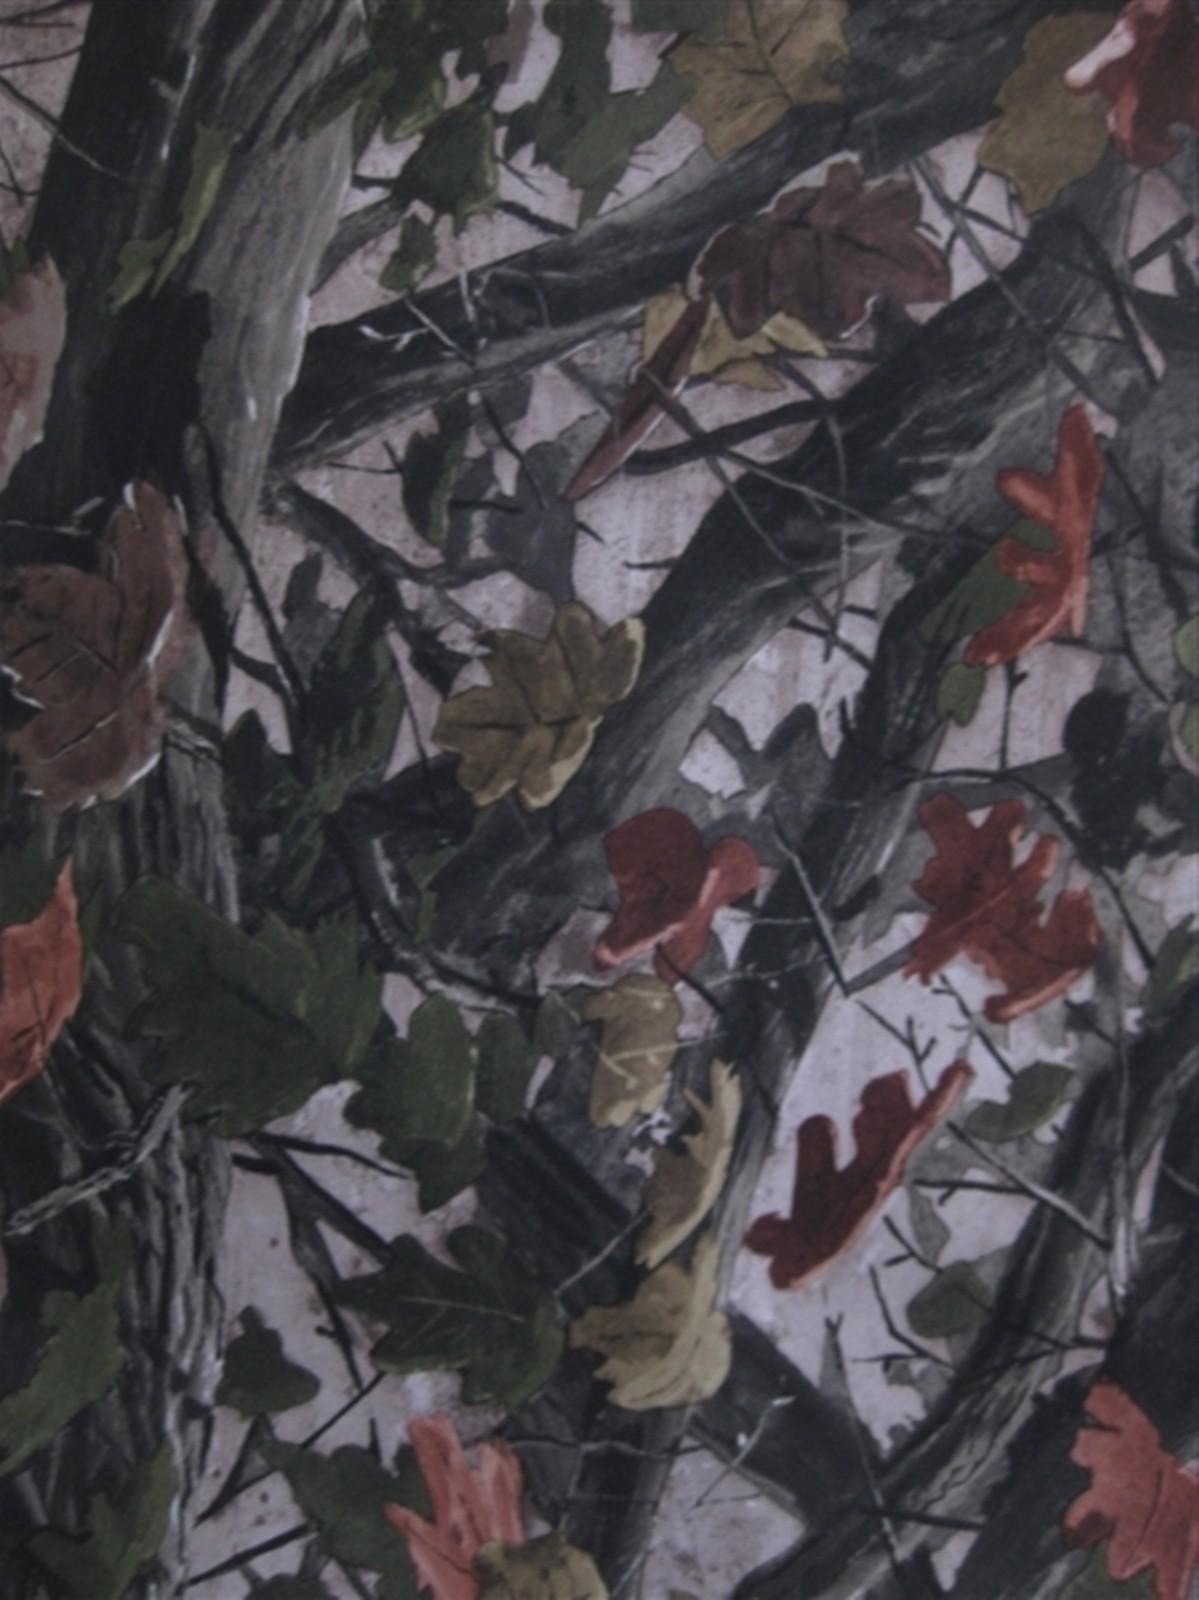 600D大树叶 大森林树叶花 牛津布涂层pvc图片二十五